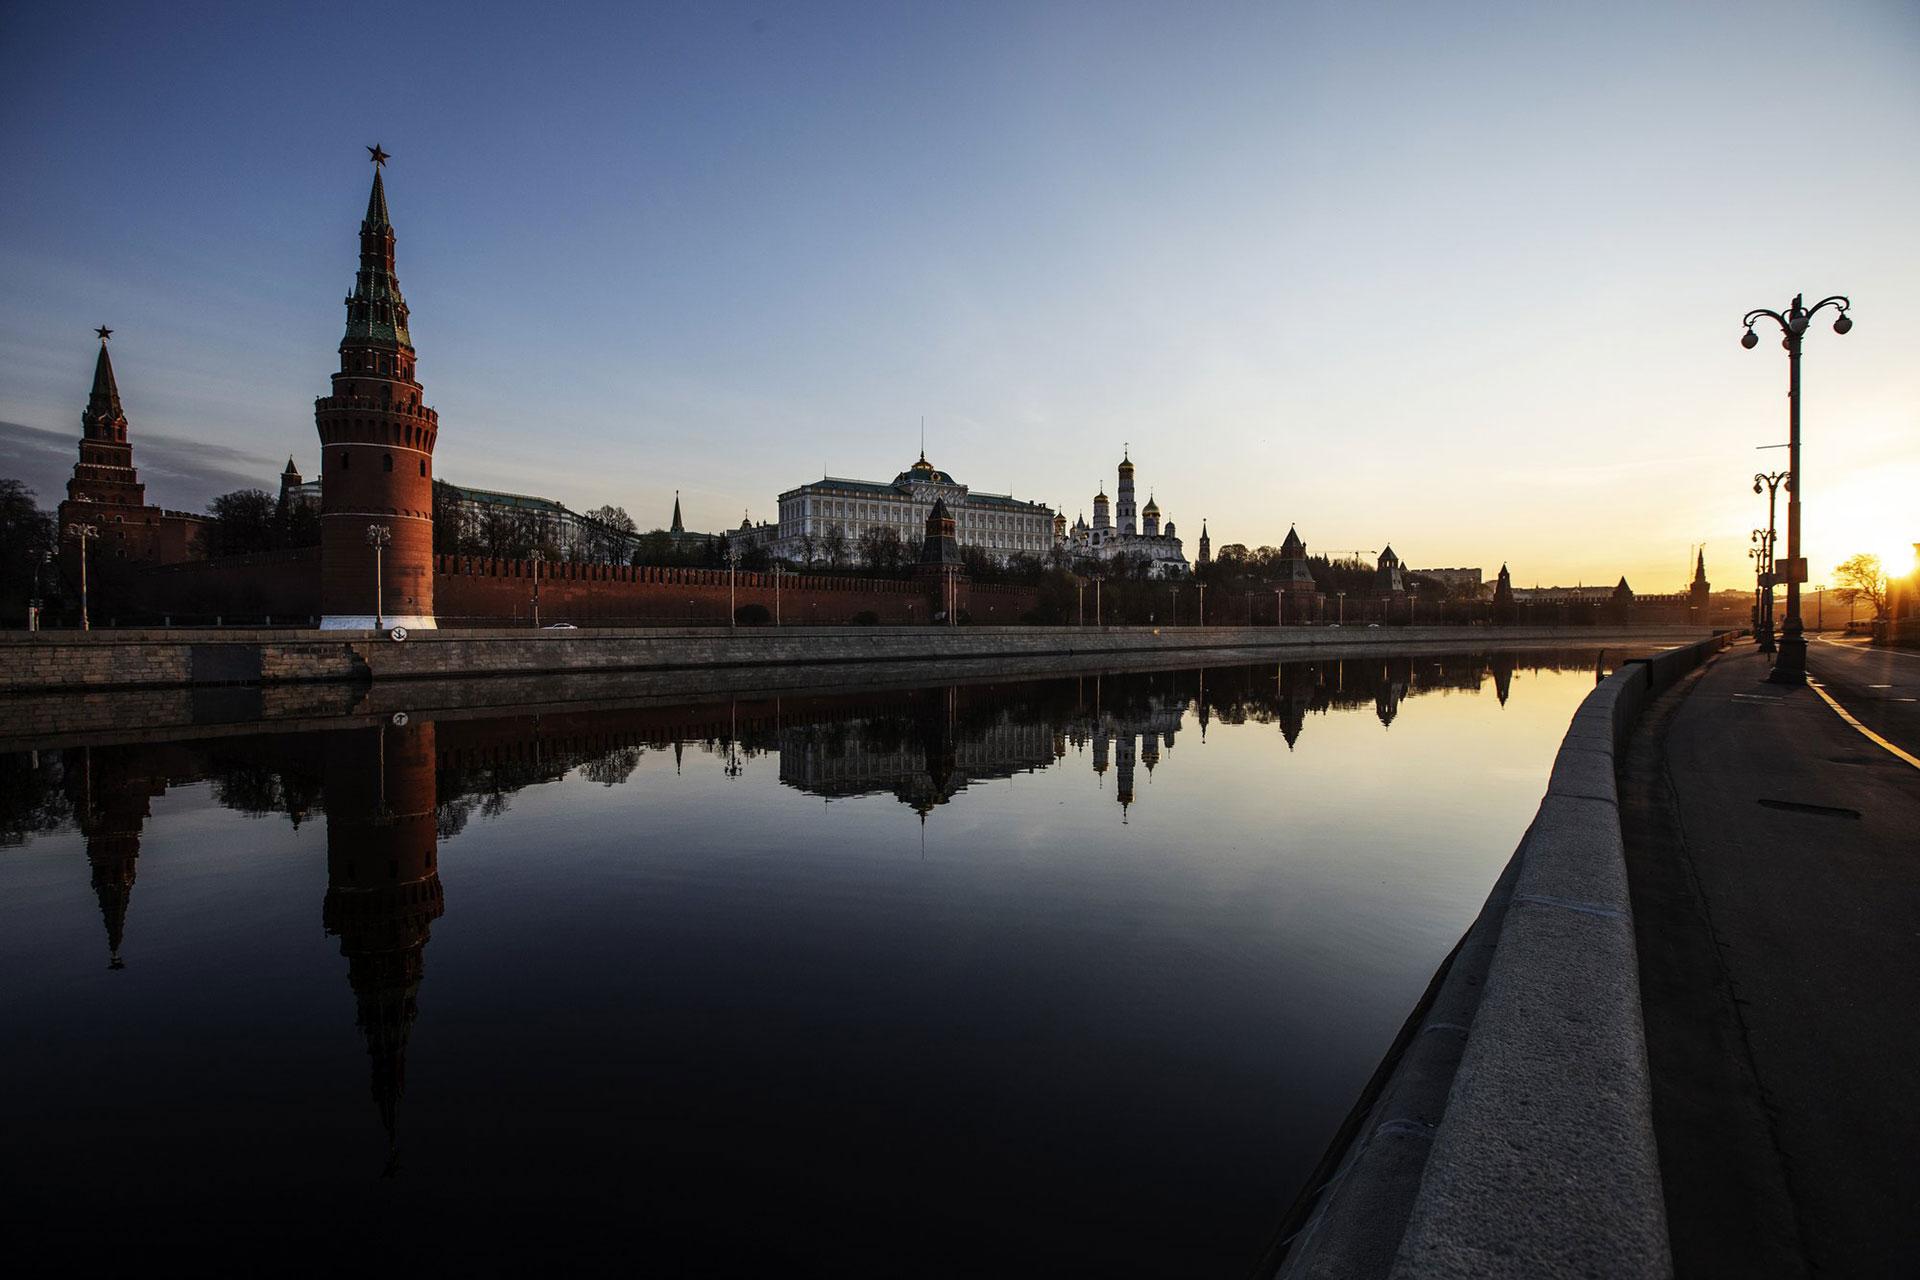 El Kremlin y sus torres se reflejan en el río Moscú a lo largo de un terraplén desierto cuando sale el sol sobre la capital de Rusia, el lunes 27 de abril de 2020. (Foto AP / Alexander Zemlianichenko)